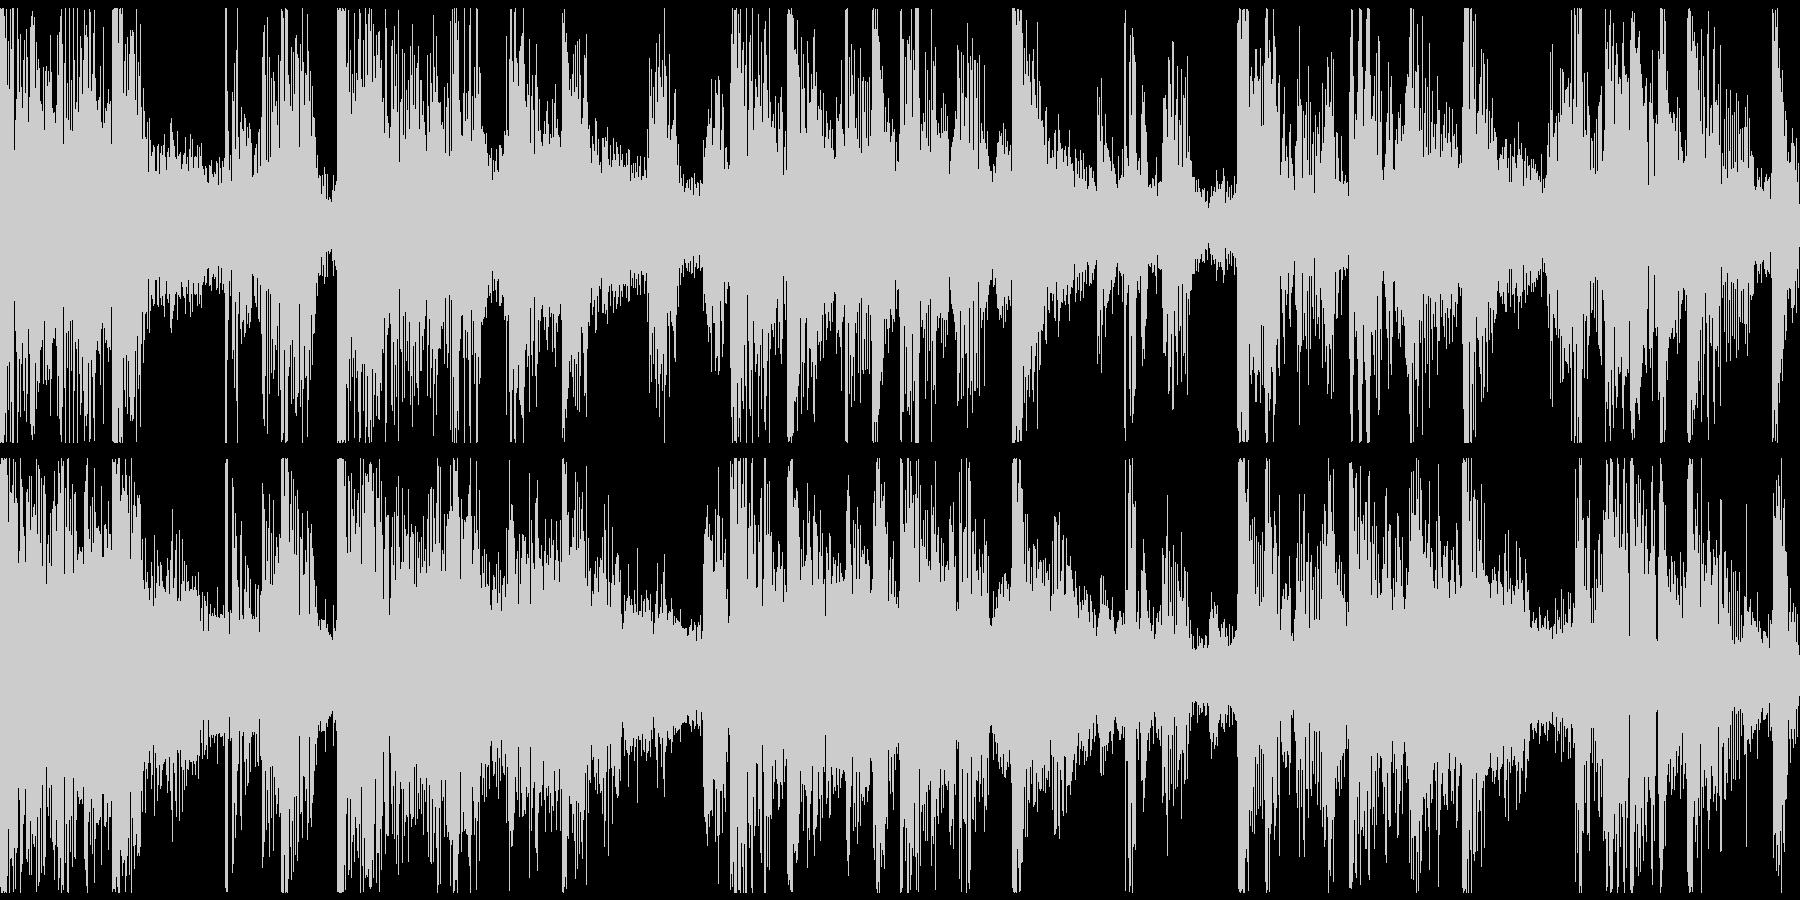 ループ。オシャレピアノ。ソウル風。の未再生の波形